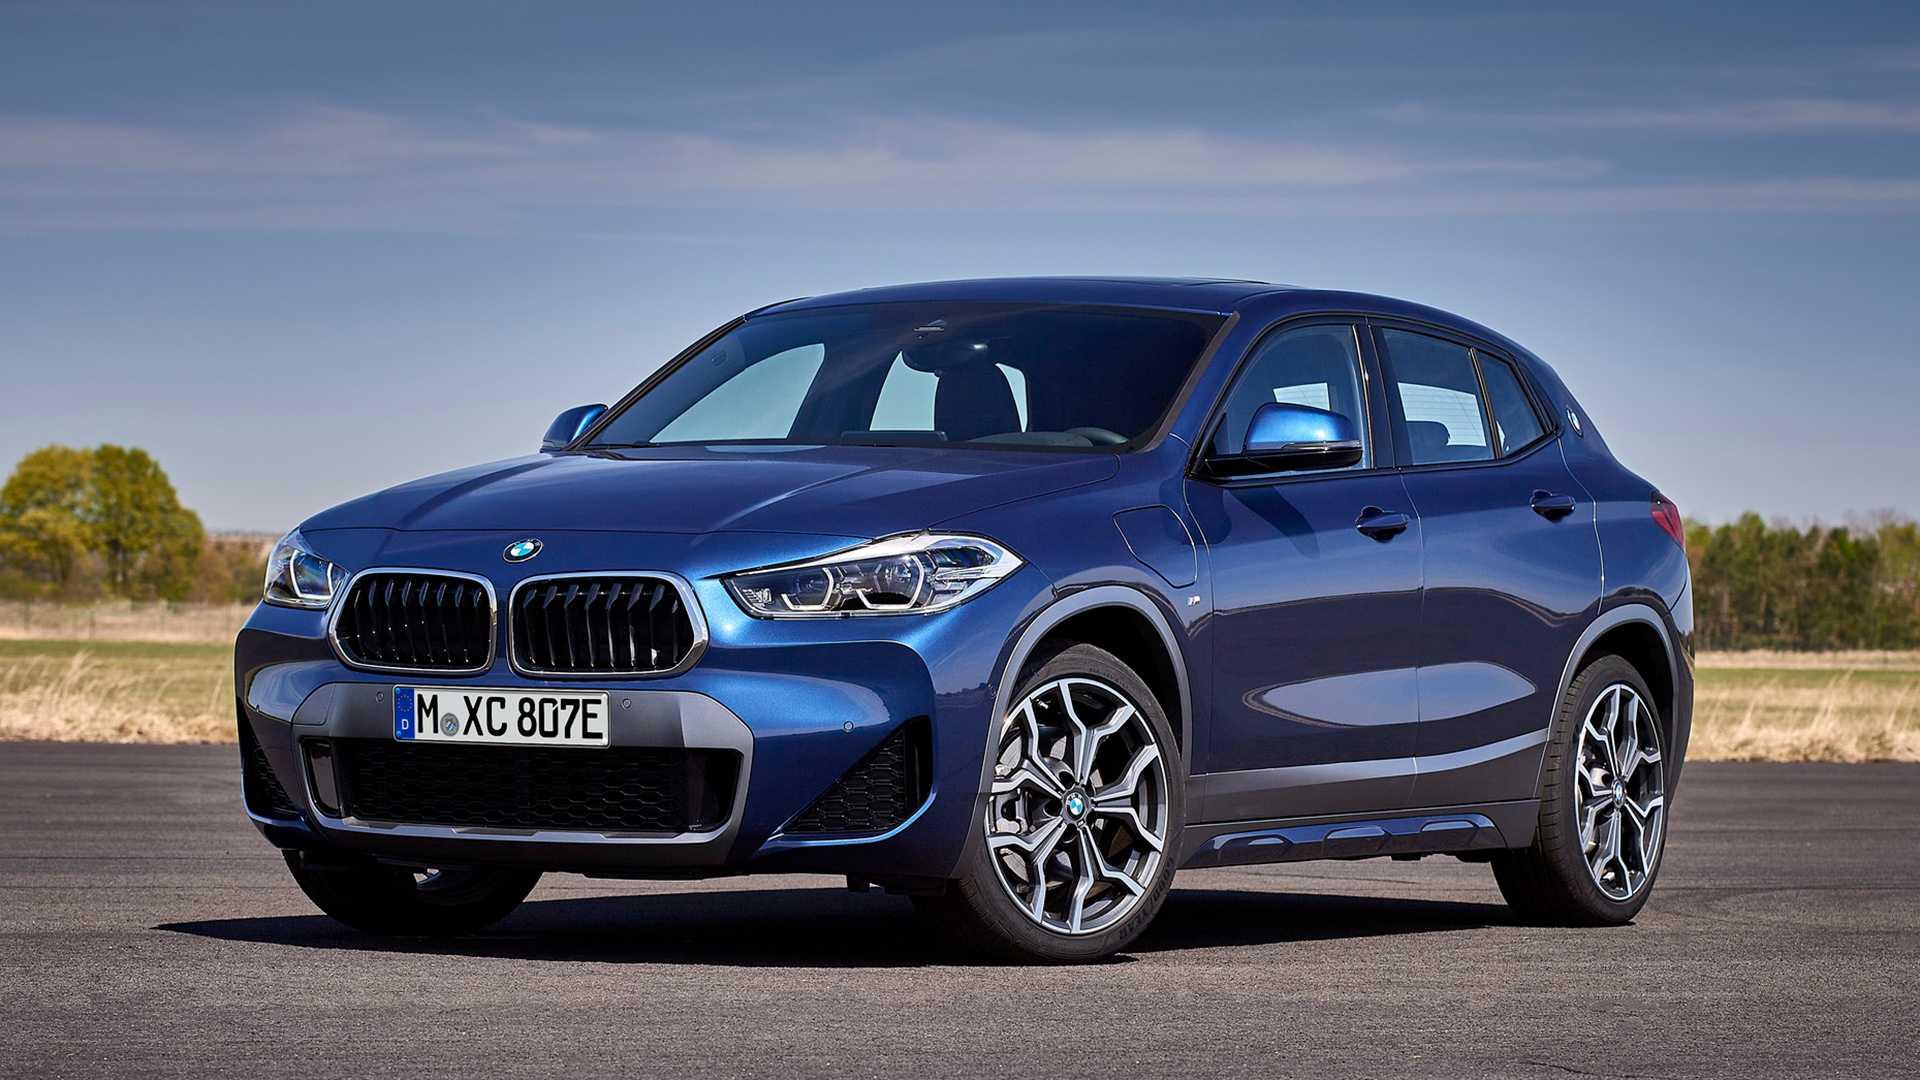 BMW X2 xDrive25e - изящный кроссовер PHEV с 35-мильным электрическим диапазоном